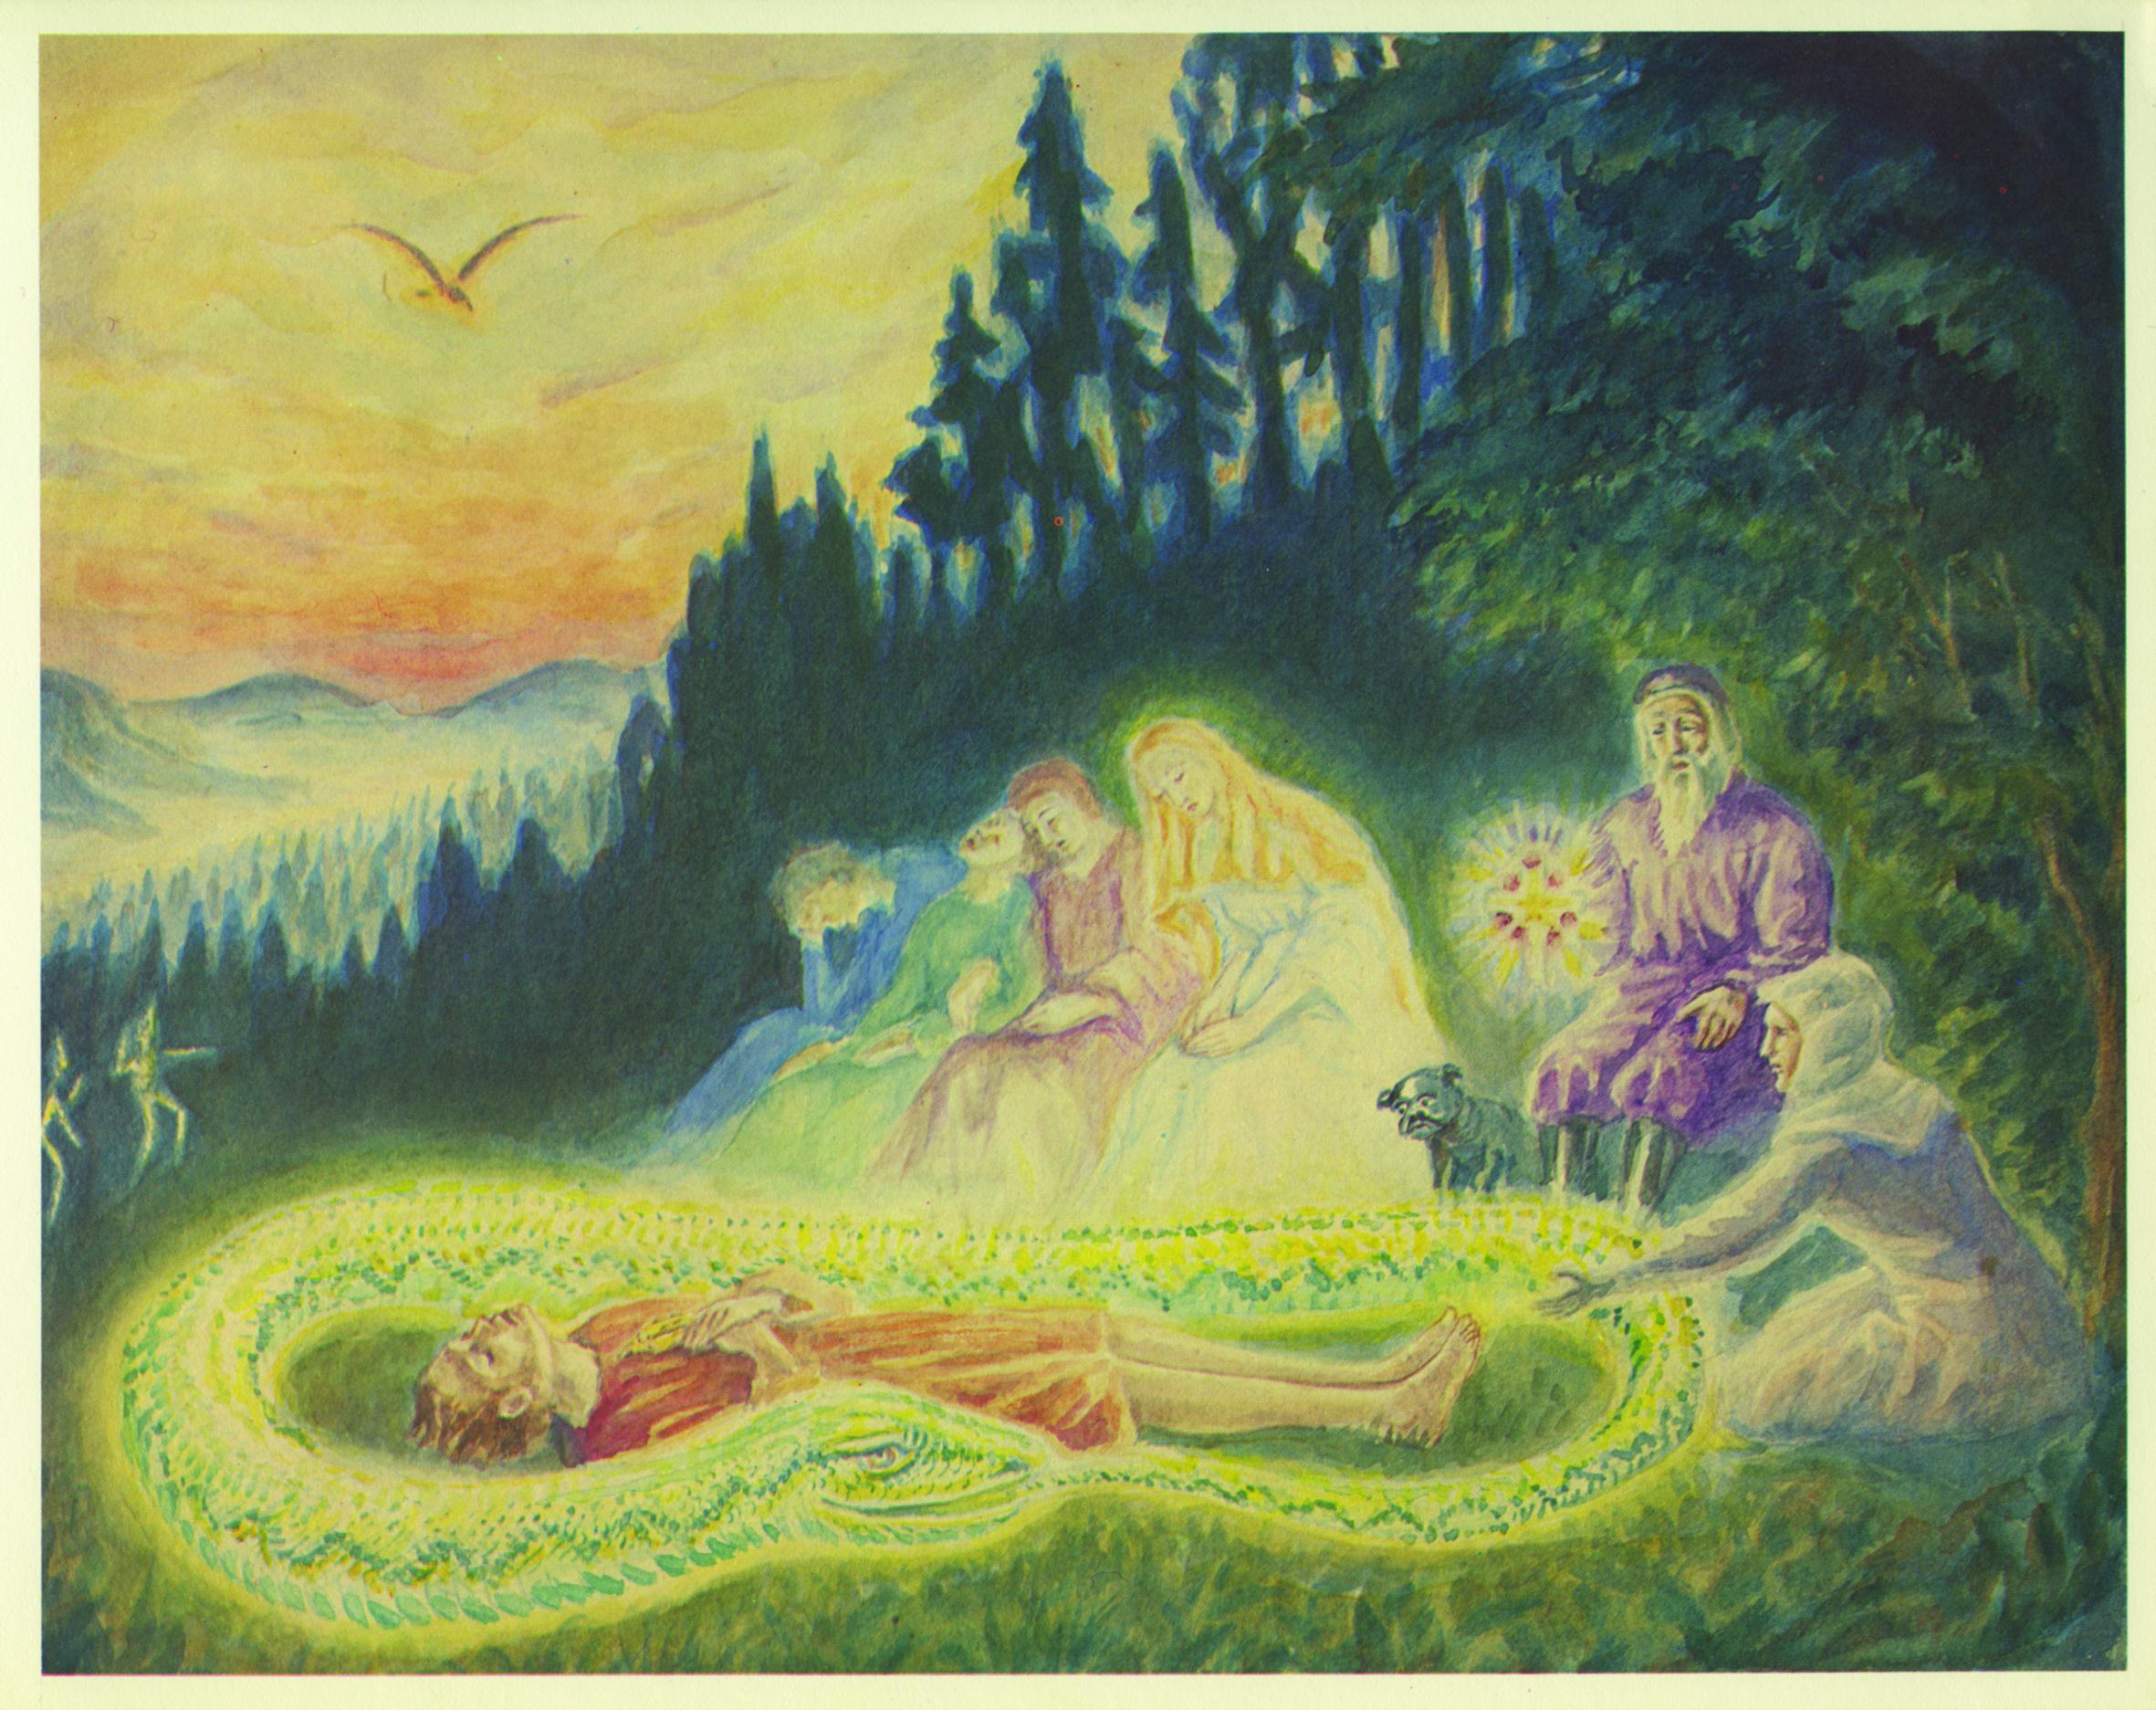 [Aquarel van Daniel van Bemmelen in Nederlandse vertaling van Goethe's sprookje De Groene Slang en de Schone Lelie]